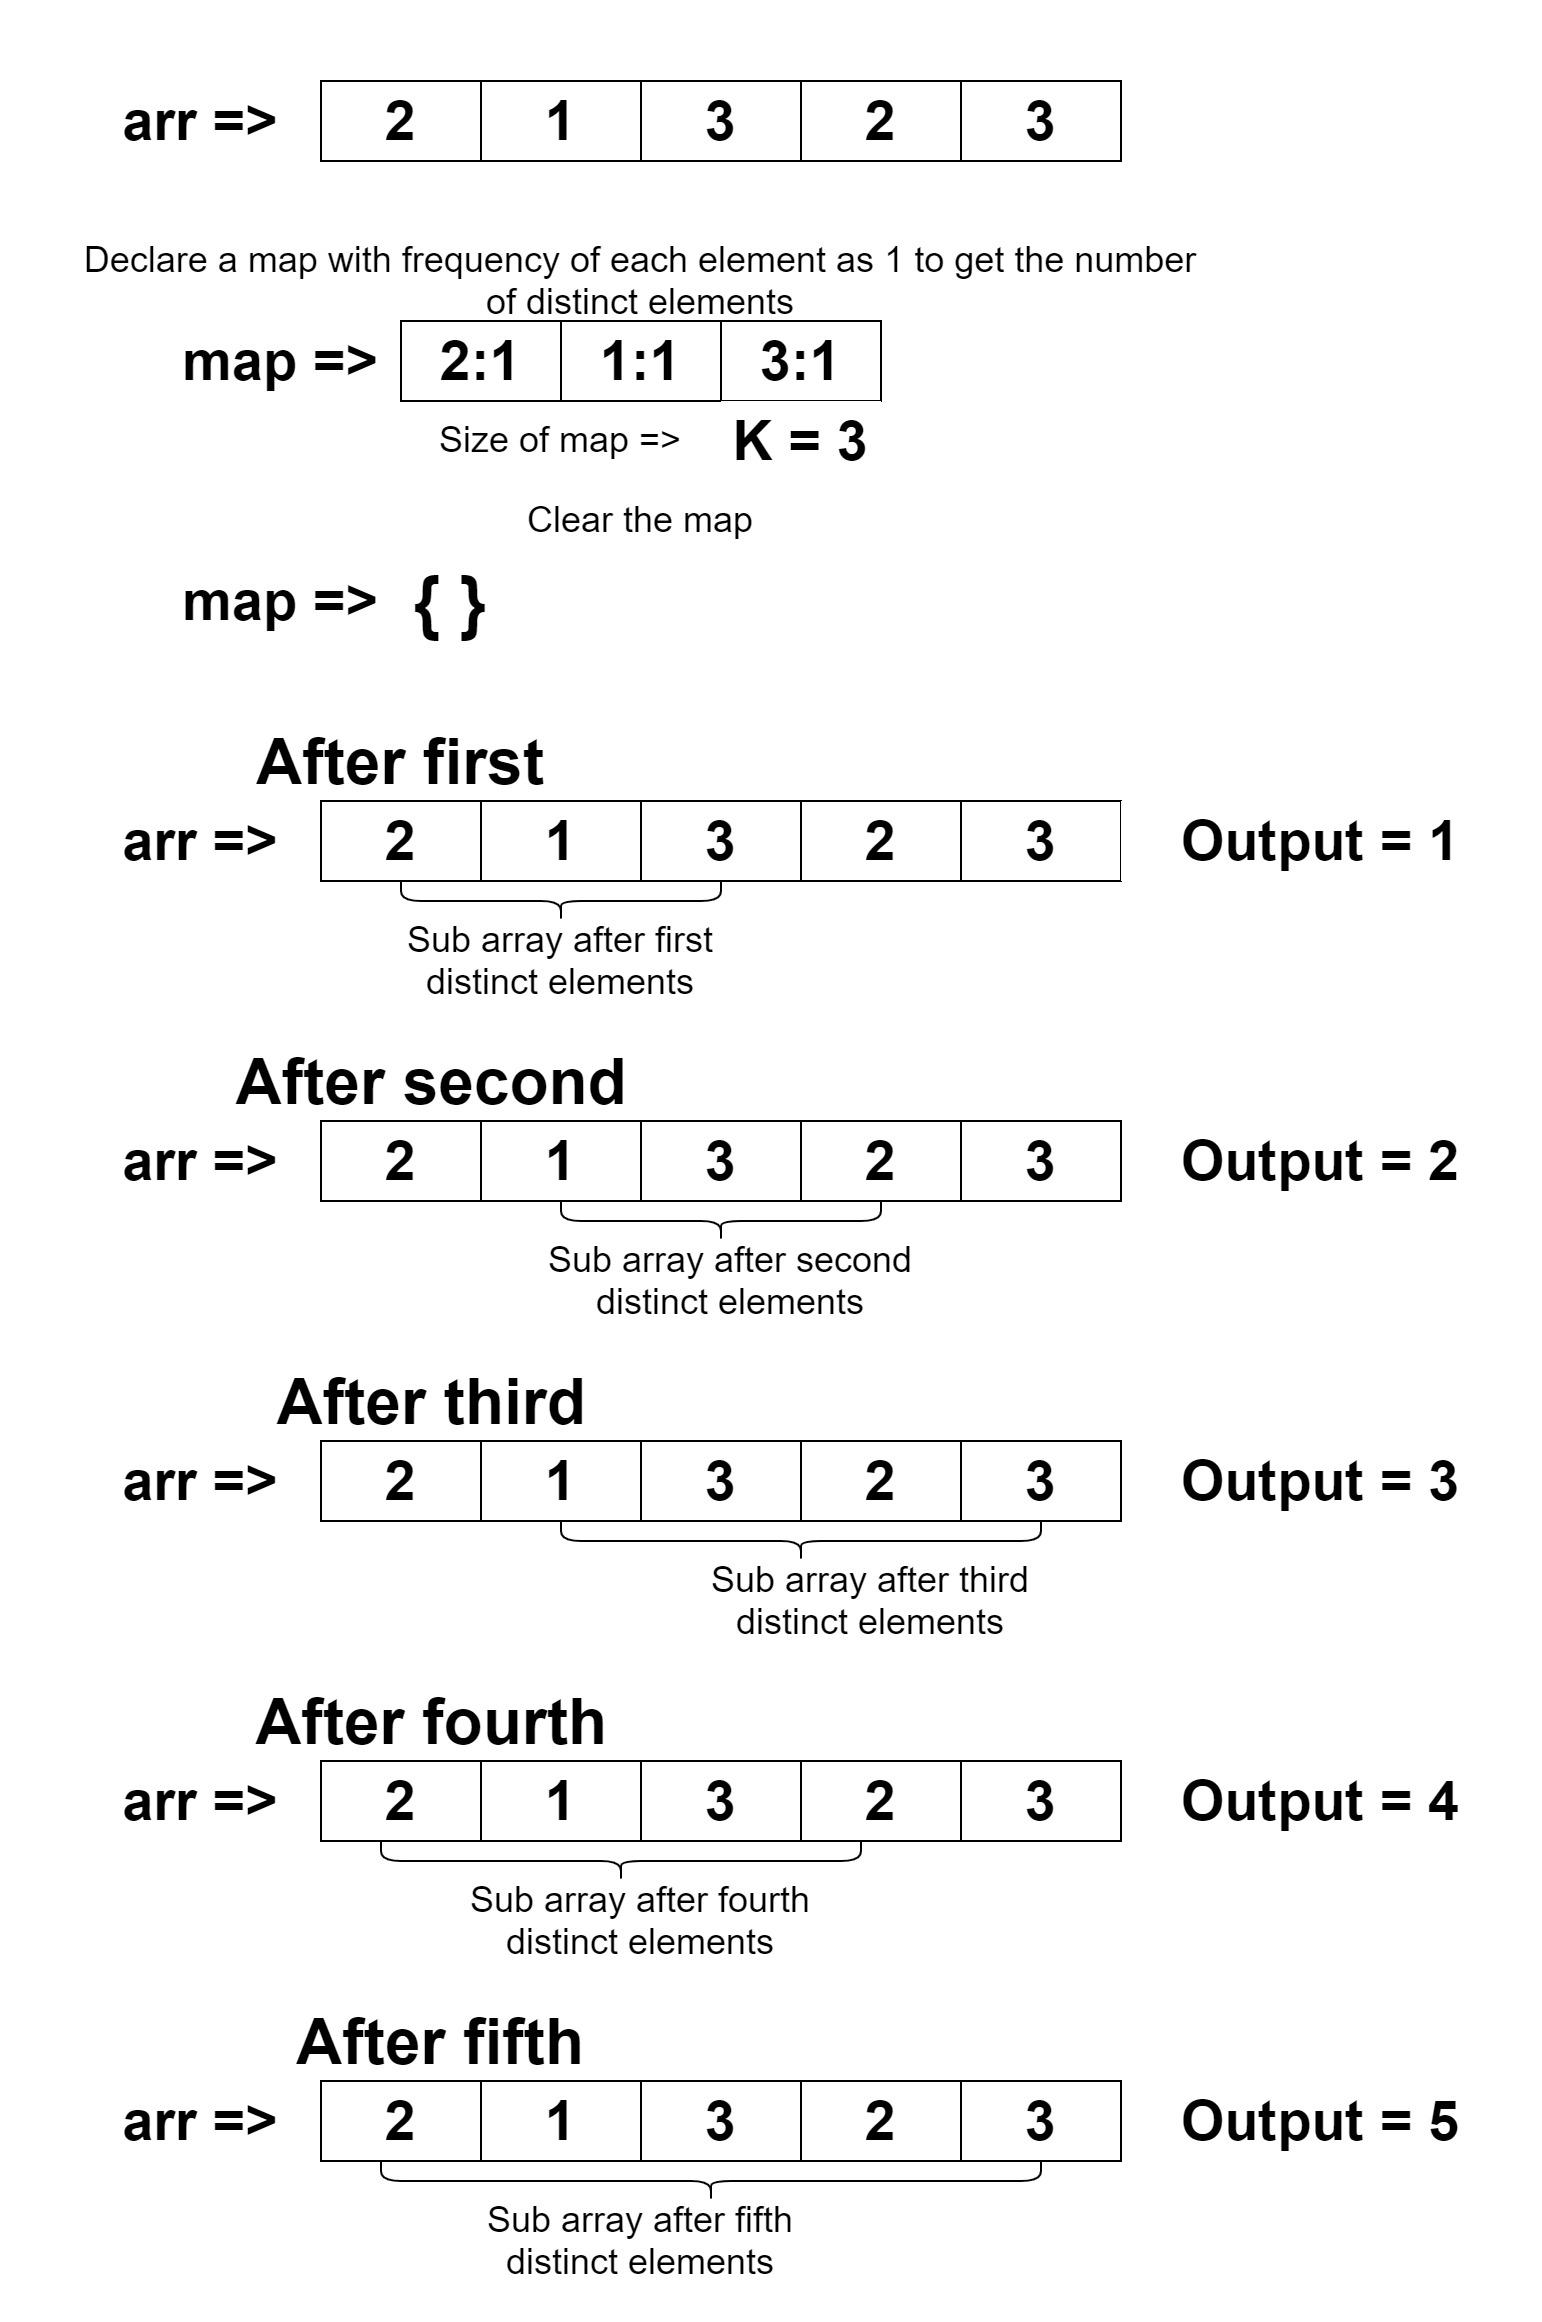 मूल सरणी के समान कुल अलग-अलग तत्वों की उप-गणना करें